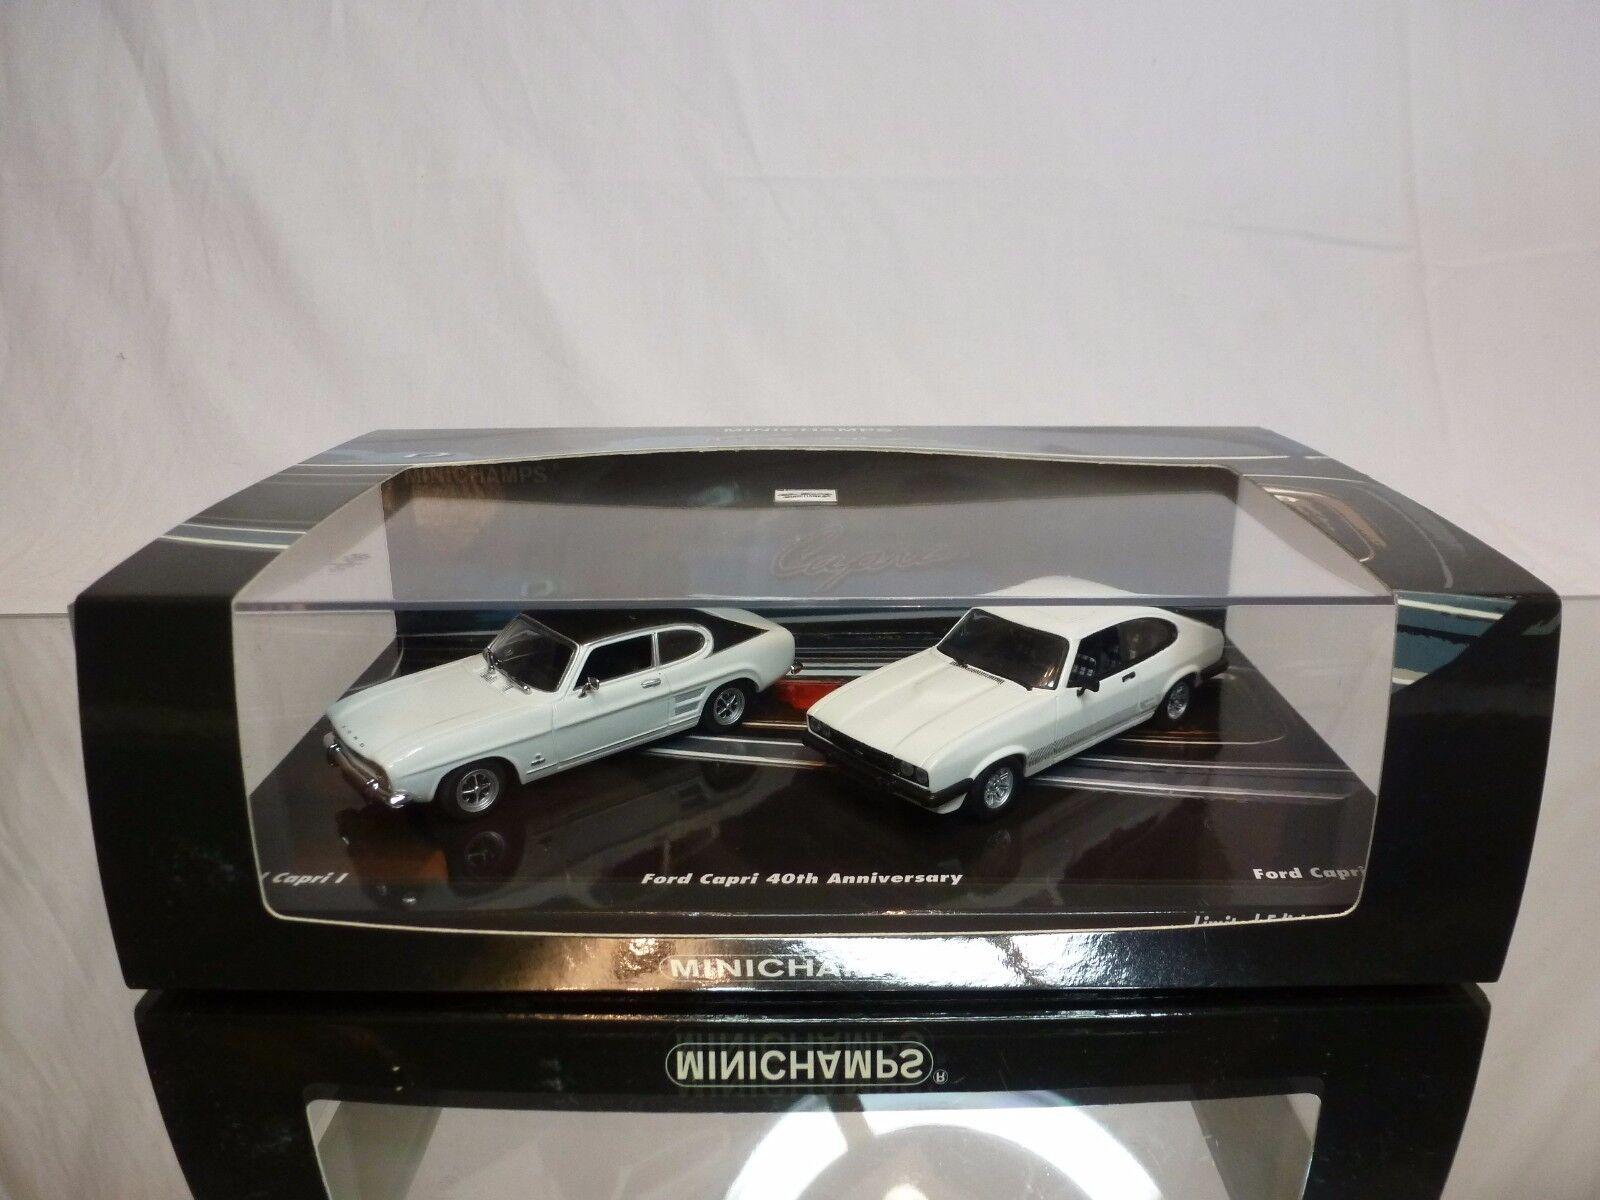 Minichamps 80103 ford capri i + ii - 40. jahrestag 1 43 ausgezeichnet im kasten